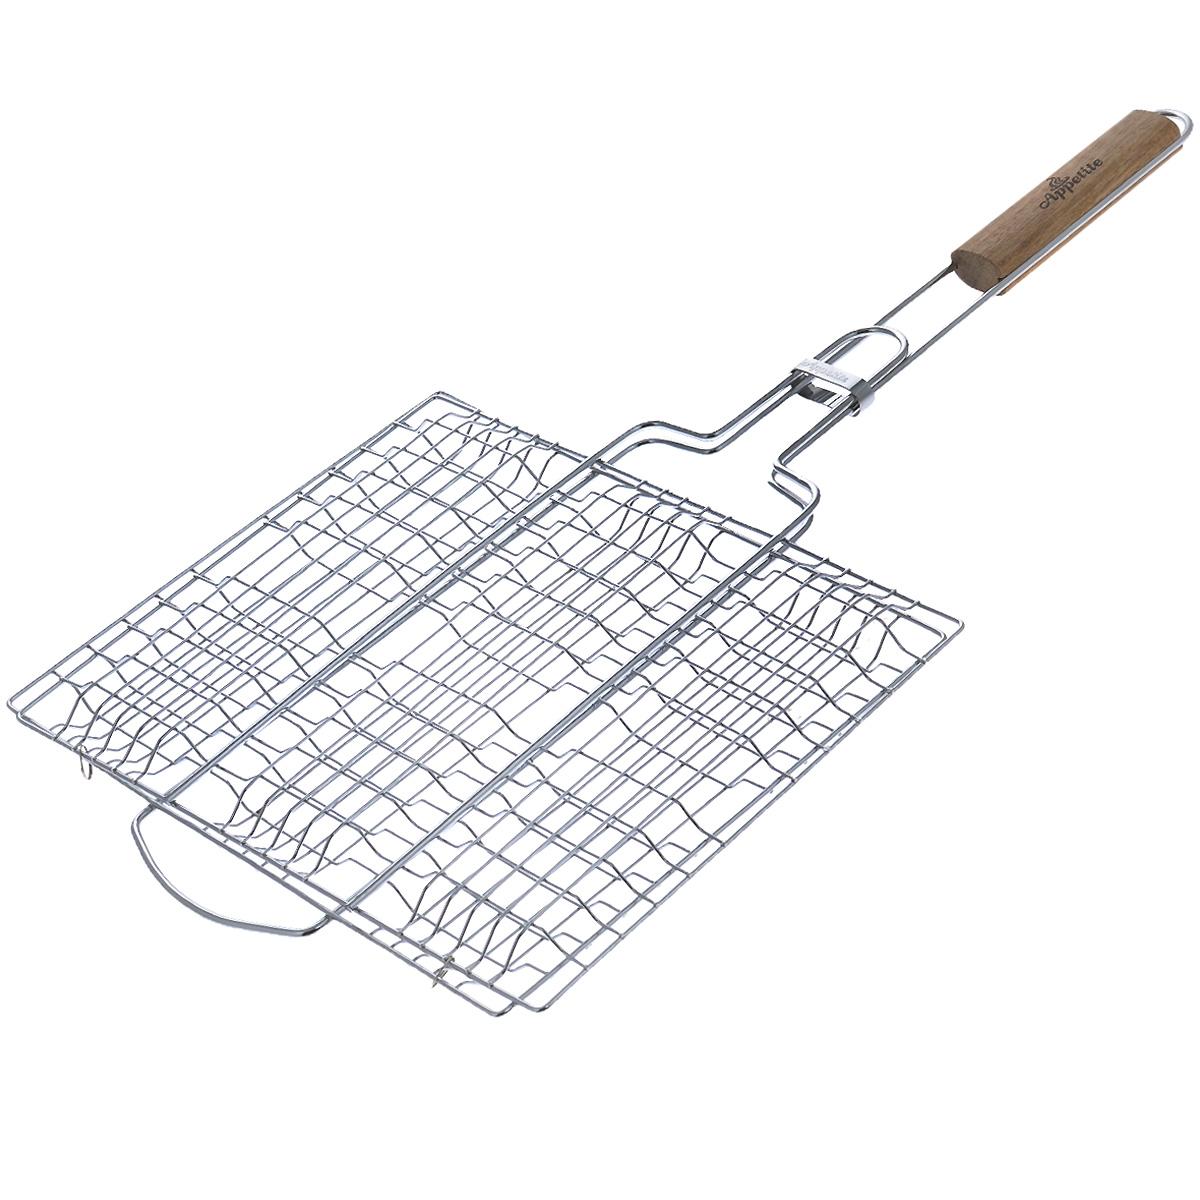 Решетка-гриль Appetite, плоская, 30 см х 25 см114Решетка-гриль Appetite изготовлена из стали с хромированным покрытием. Приготовление вкусных блюд из рыбы, мяса или птицы на пикнике становится еще более быстрым и удобным с использованием решетки-гриль. Изделие имеет деревянную вставку на ручке, предохраняющую руки от ожогов и позволяющую без труда перевернуть решетку. Надежное кольцо-фиксатор гарантирует, что решетка не откроется, и продукты не выпадут. Размер рабочей поверхности: 30 см х 25 см. Длина ручки: 32 см.